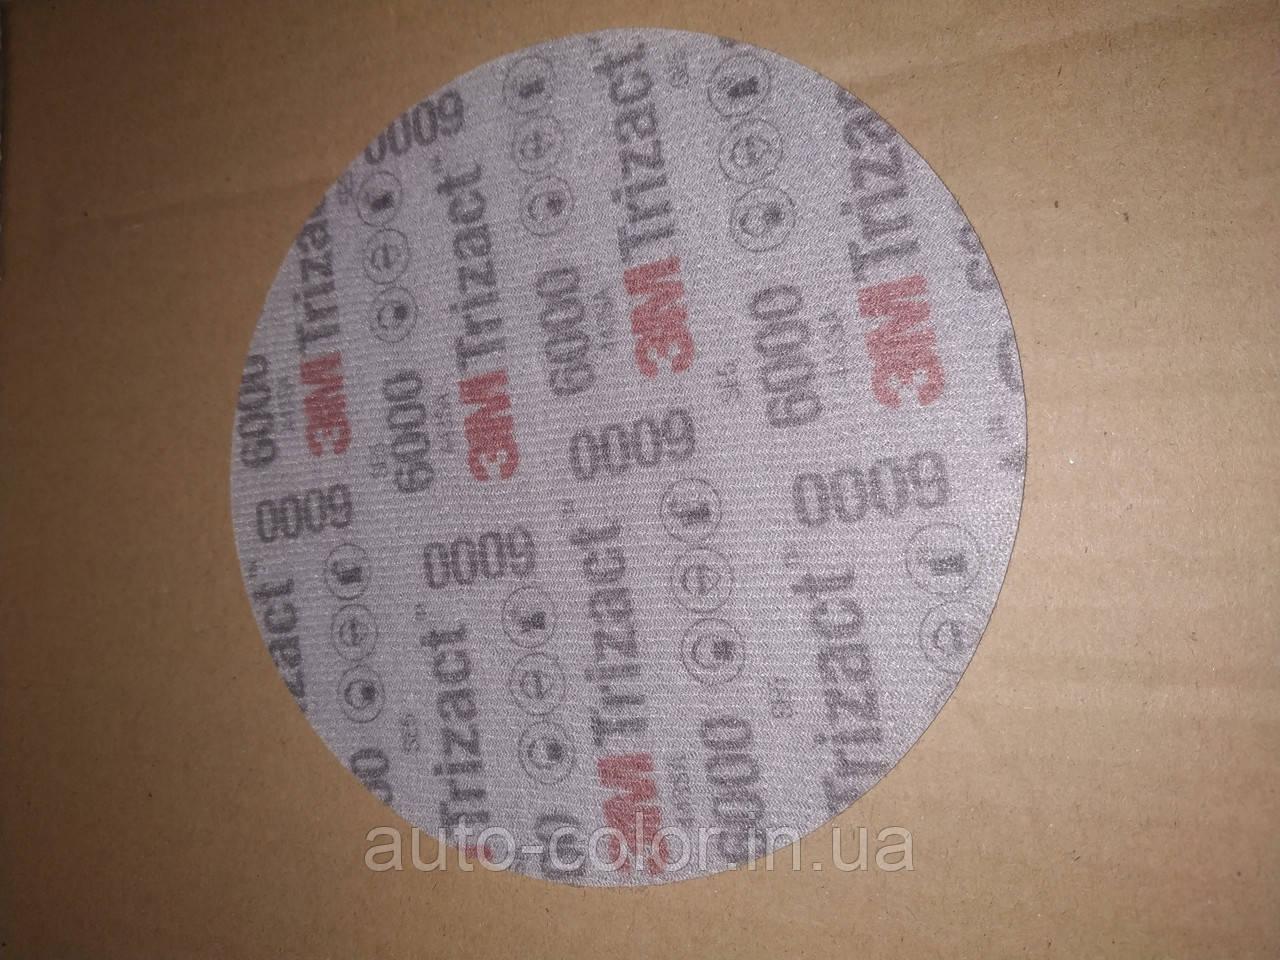 Абразивний полірувальний круг 3M Trizact P6000 (діаметр 150 мм)